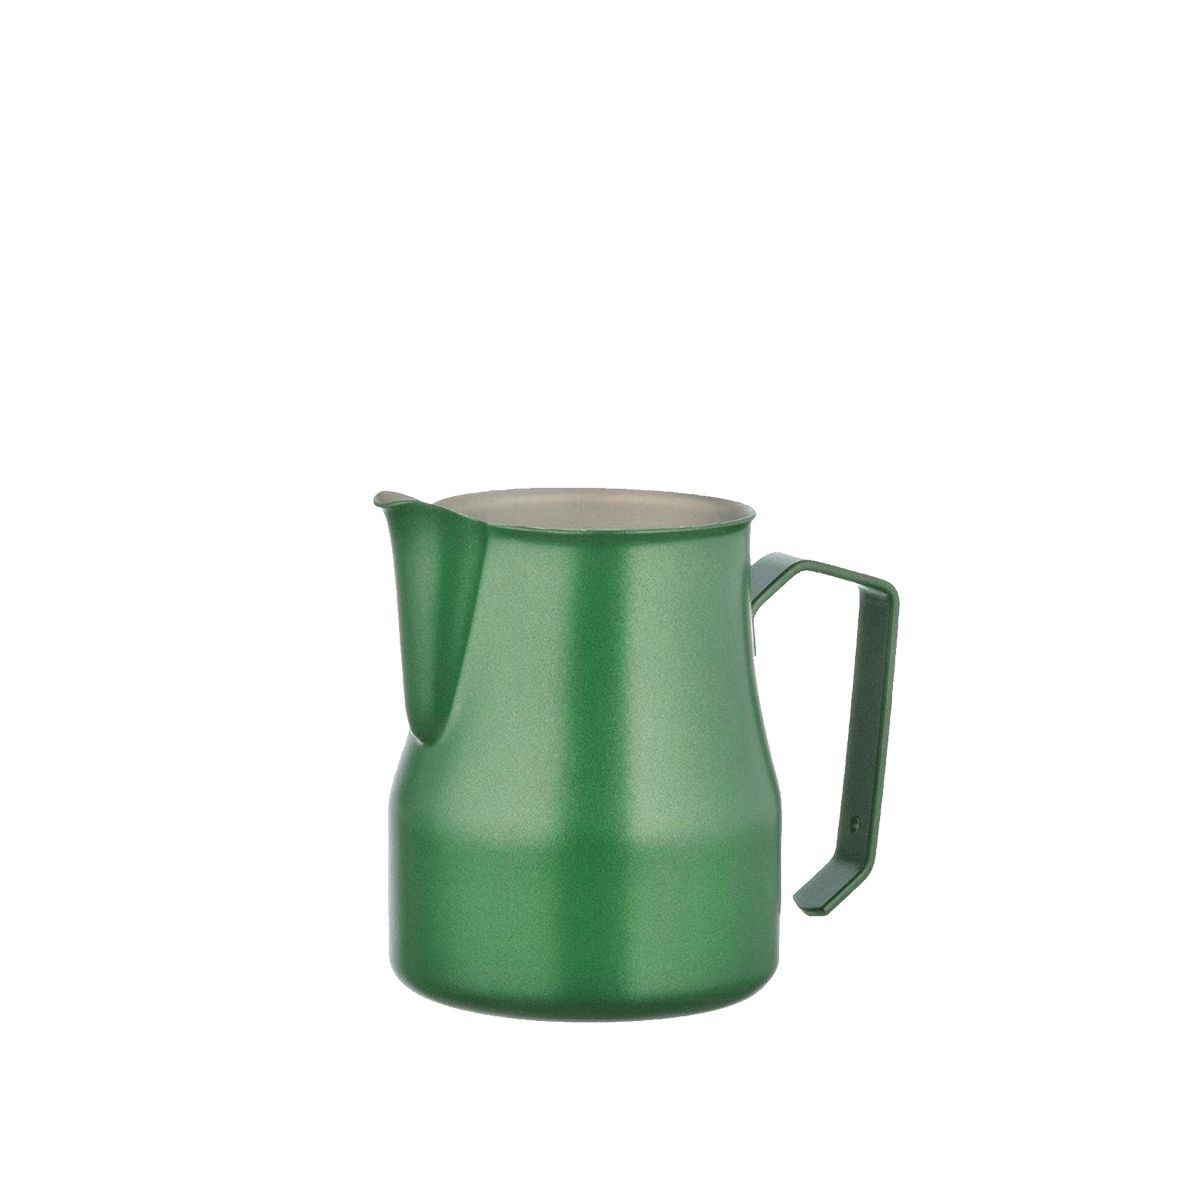 Pichet à lait en téflon – Motta – Vert